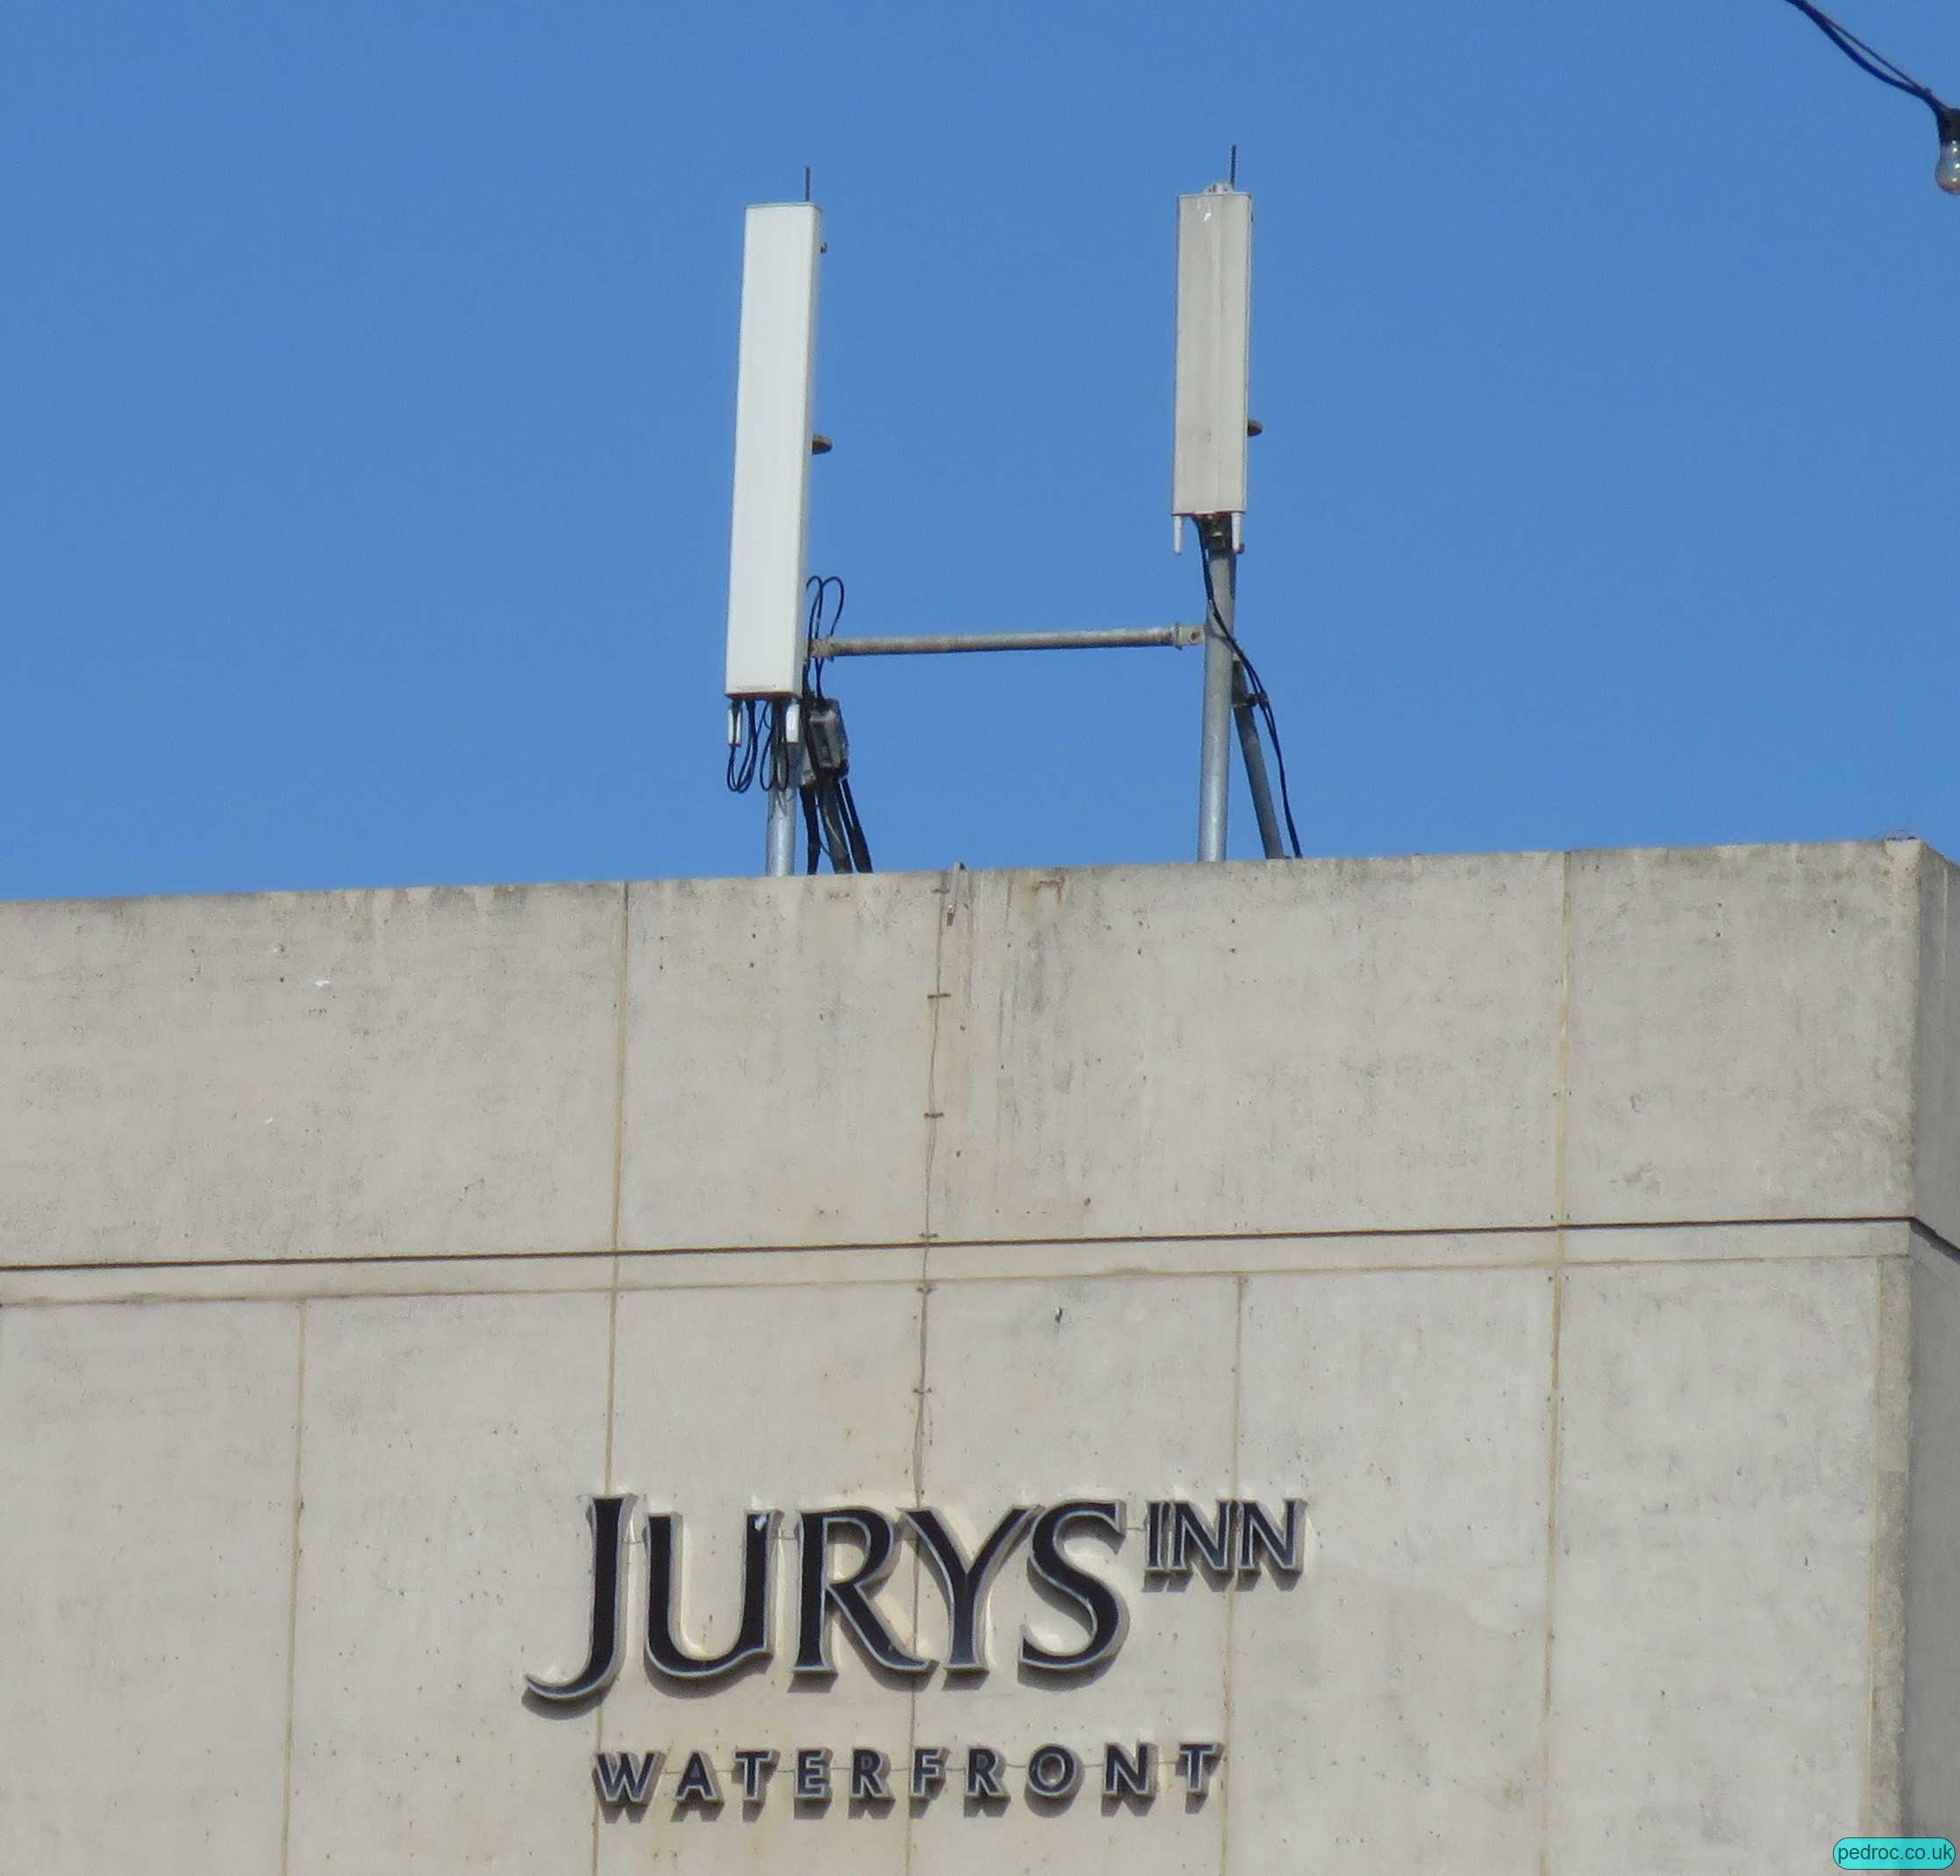 Brighton Jurys Inn EE/3 Mast